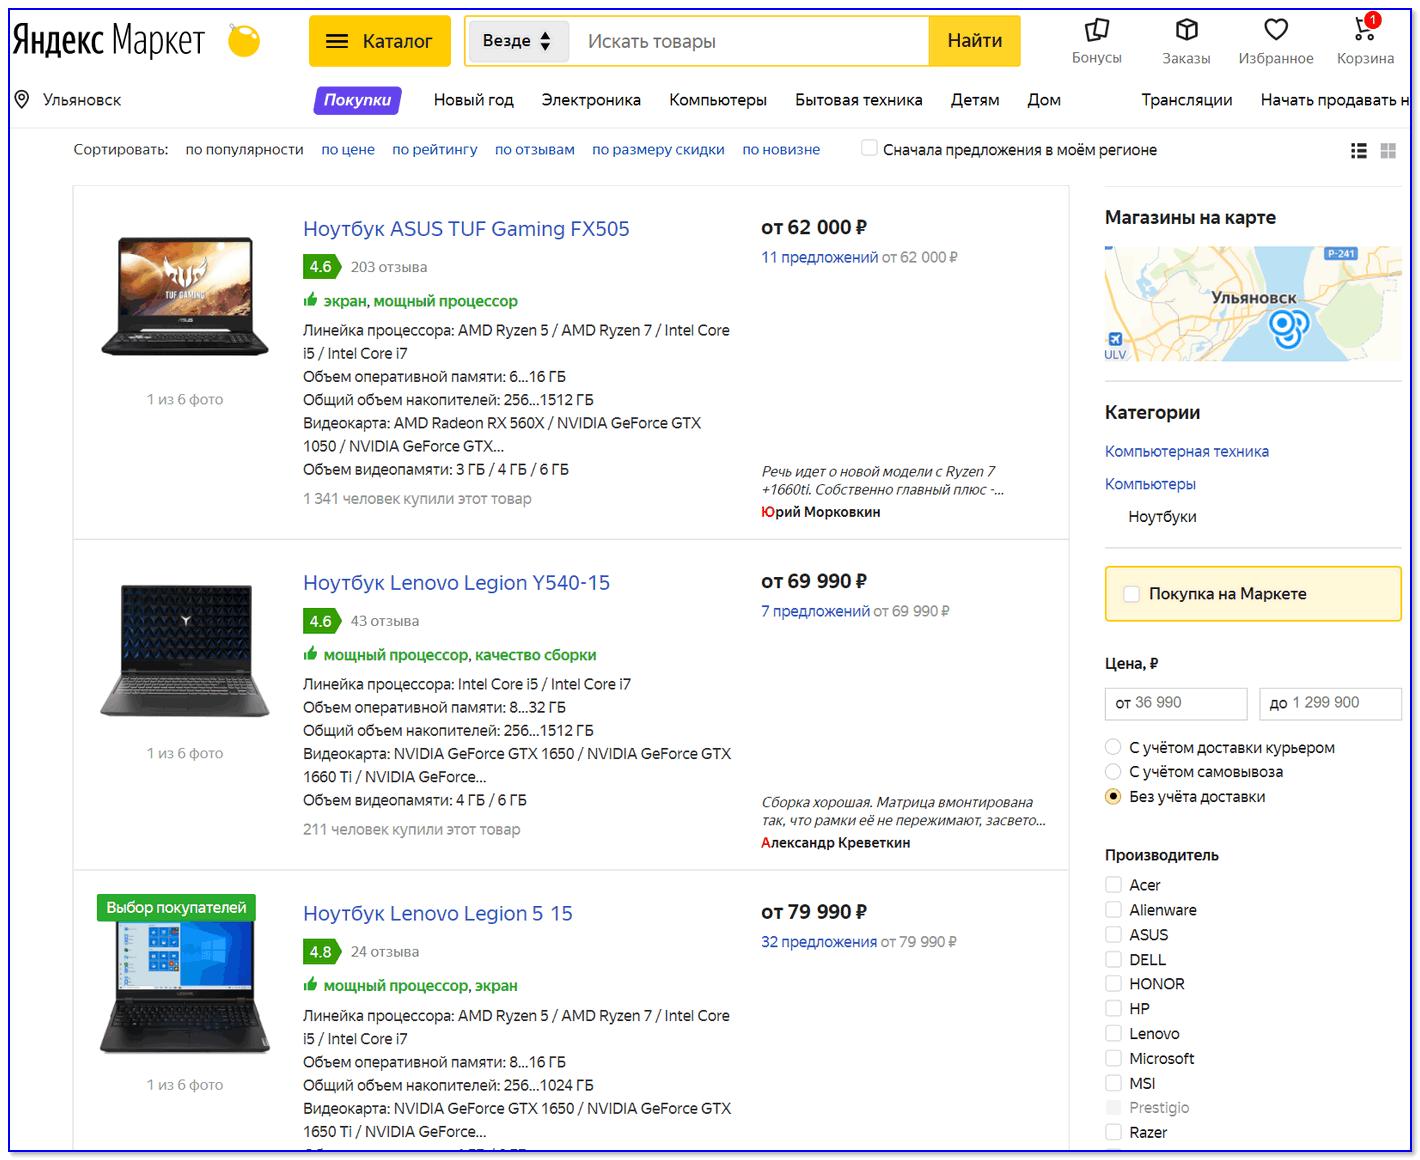 Скриншот с Яндекс-маркета